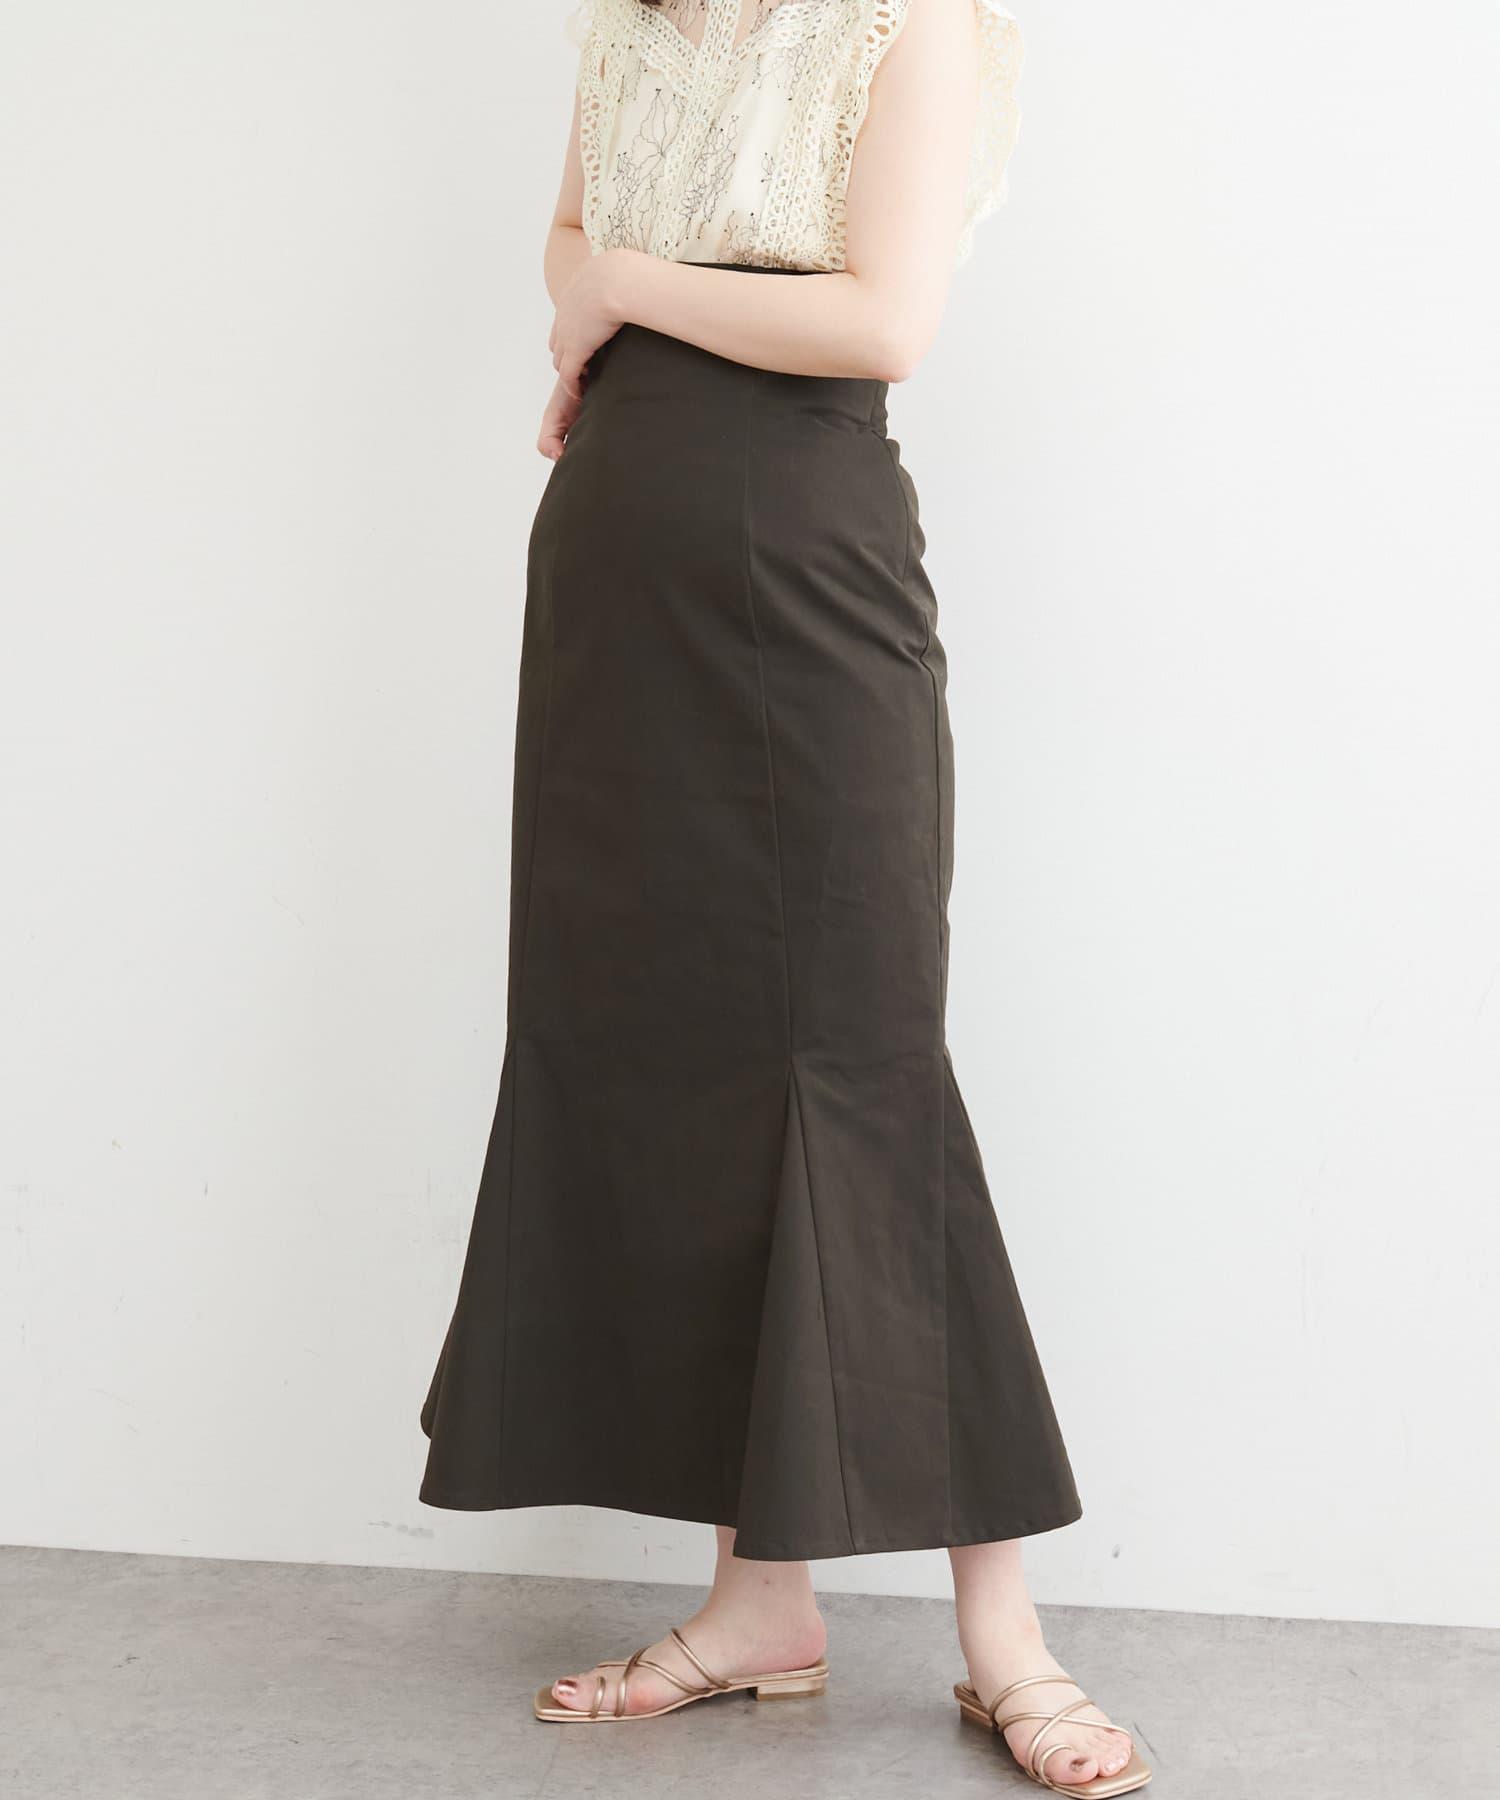 natural couture(ナチュラルクチュール) 【WEB限定】ハイウエストマーメイドスカート